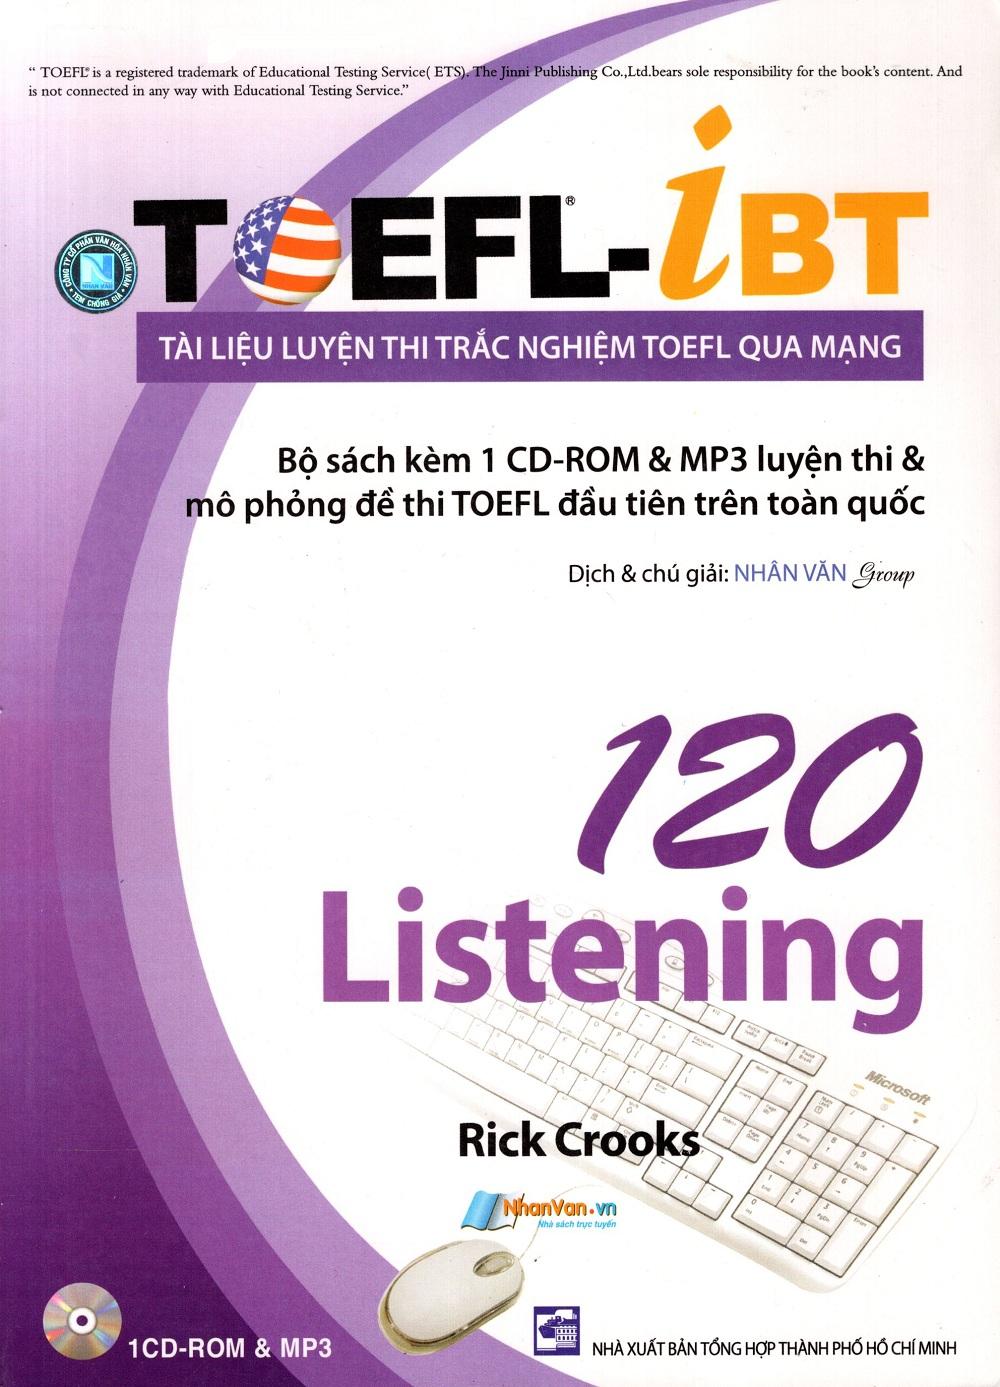 Bìa sách Tài Liệu Luyện Thi Trắc Nghiệm TOEFL Qua Mạng - 120 Listening (Kèm 1 CD)